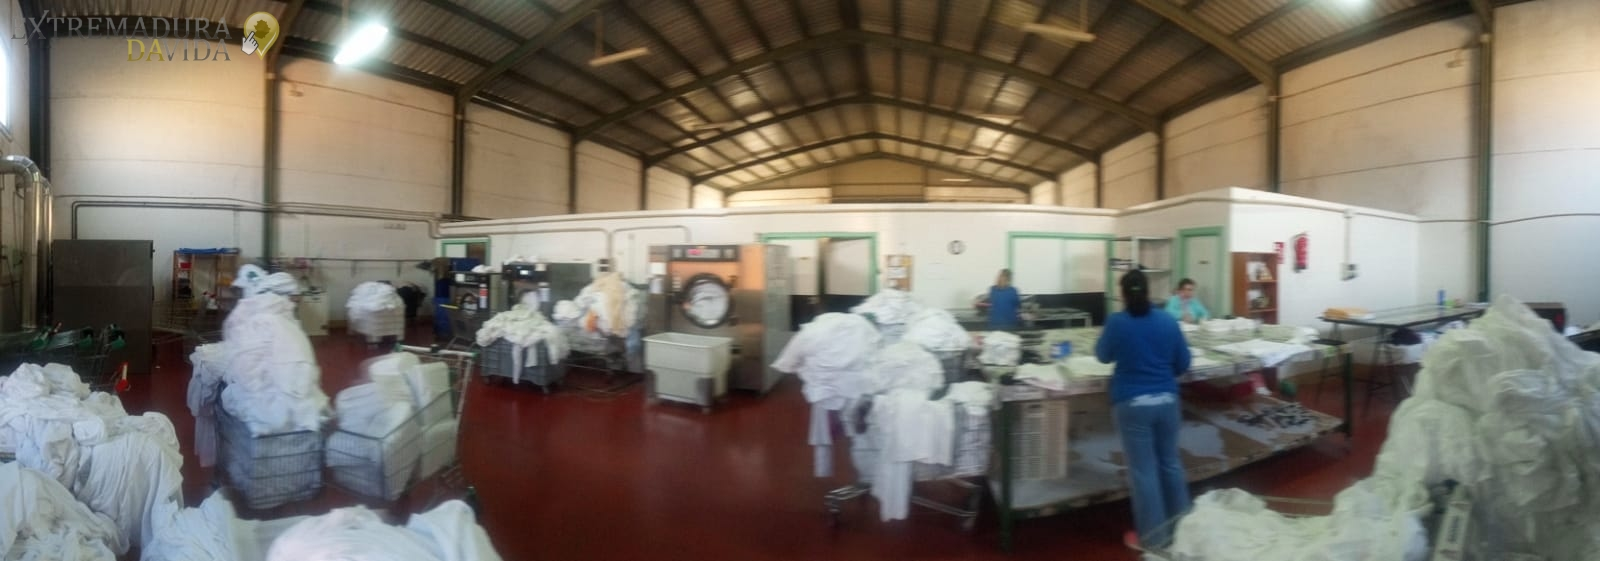 Lavandería Industrial Cáceres Holbe